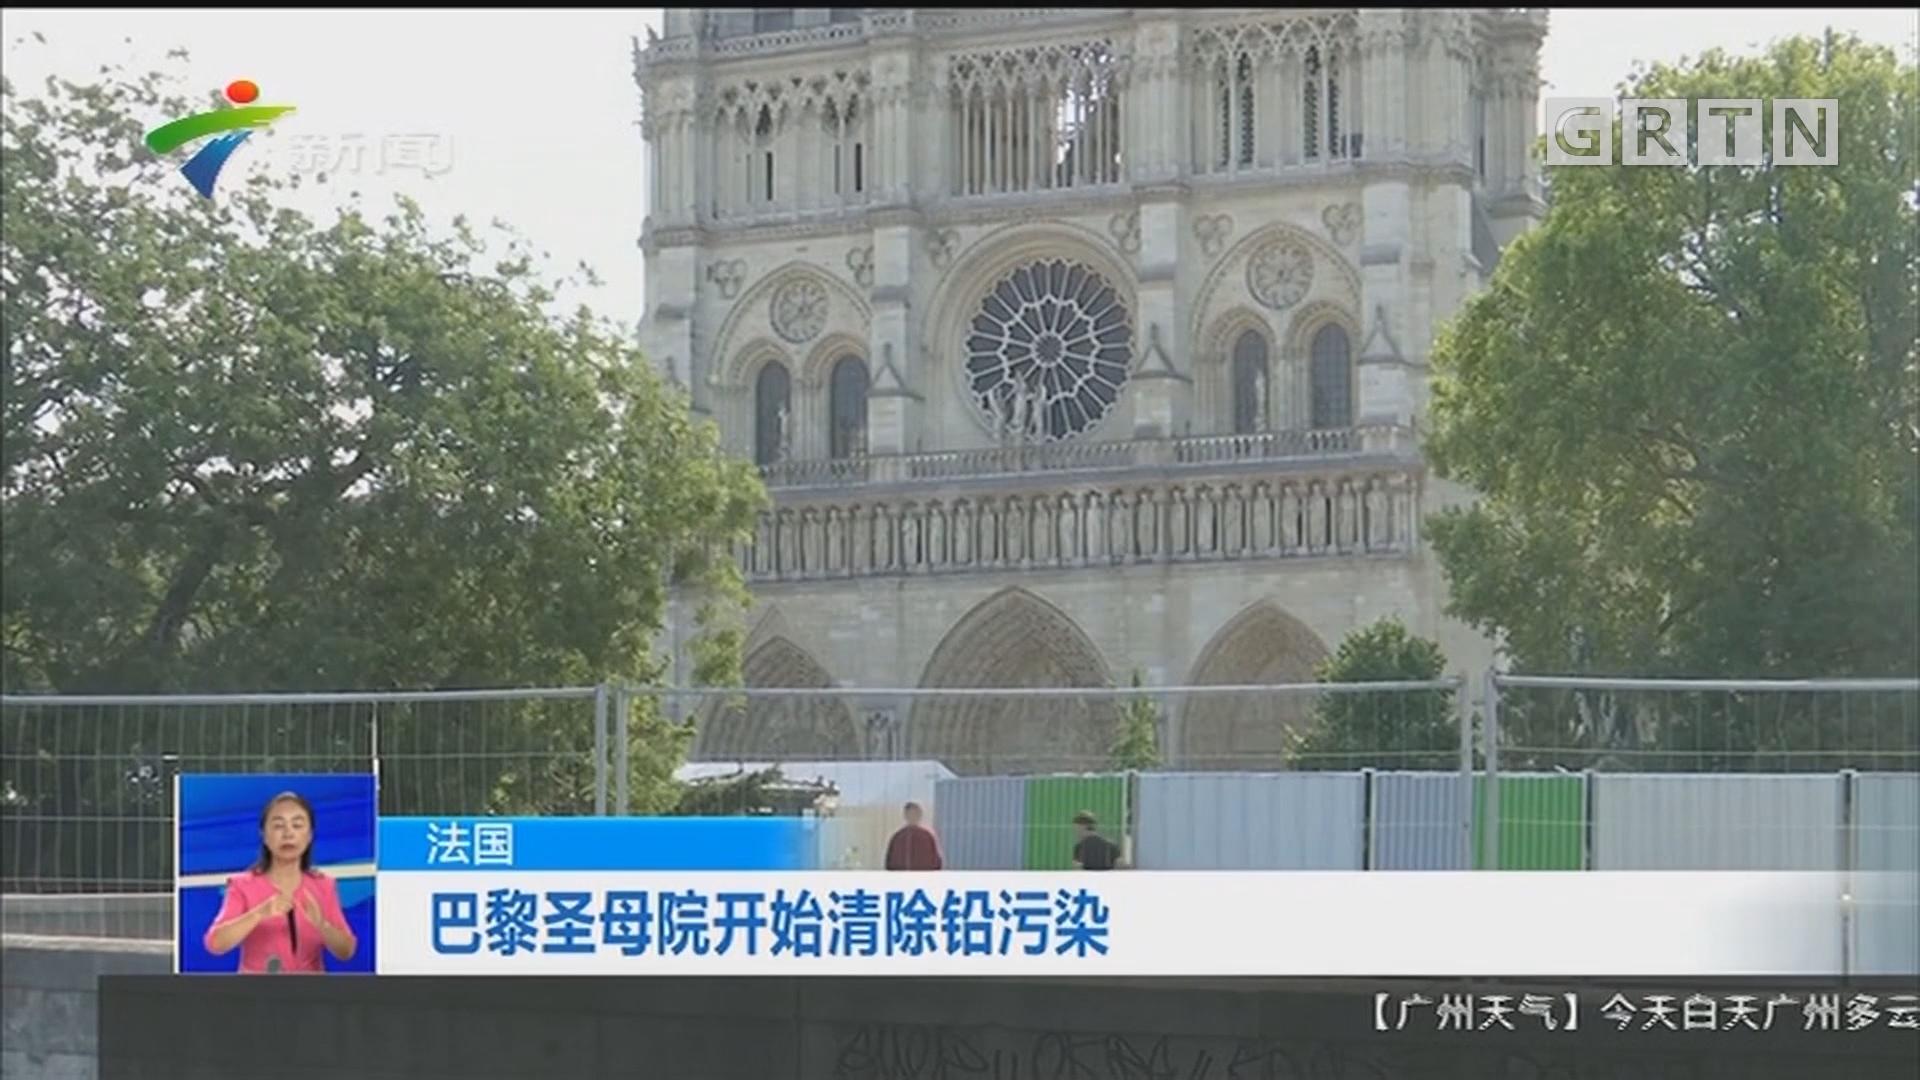 法國:巴黎圣母院開始清除鉛污染